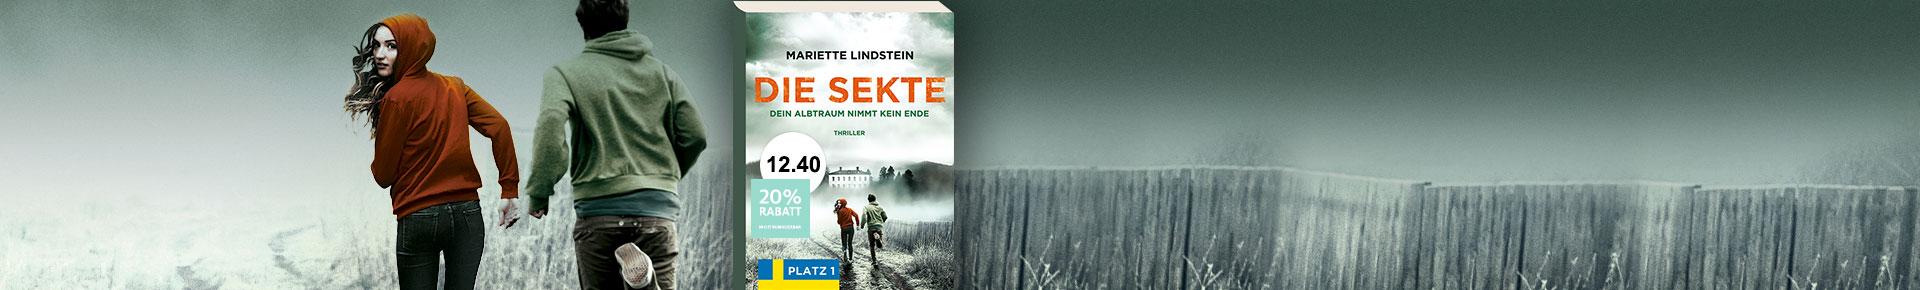 Die Sekte: Dein Albtraum nimmt kein Ende - Mariette Lindstein